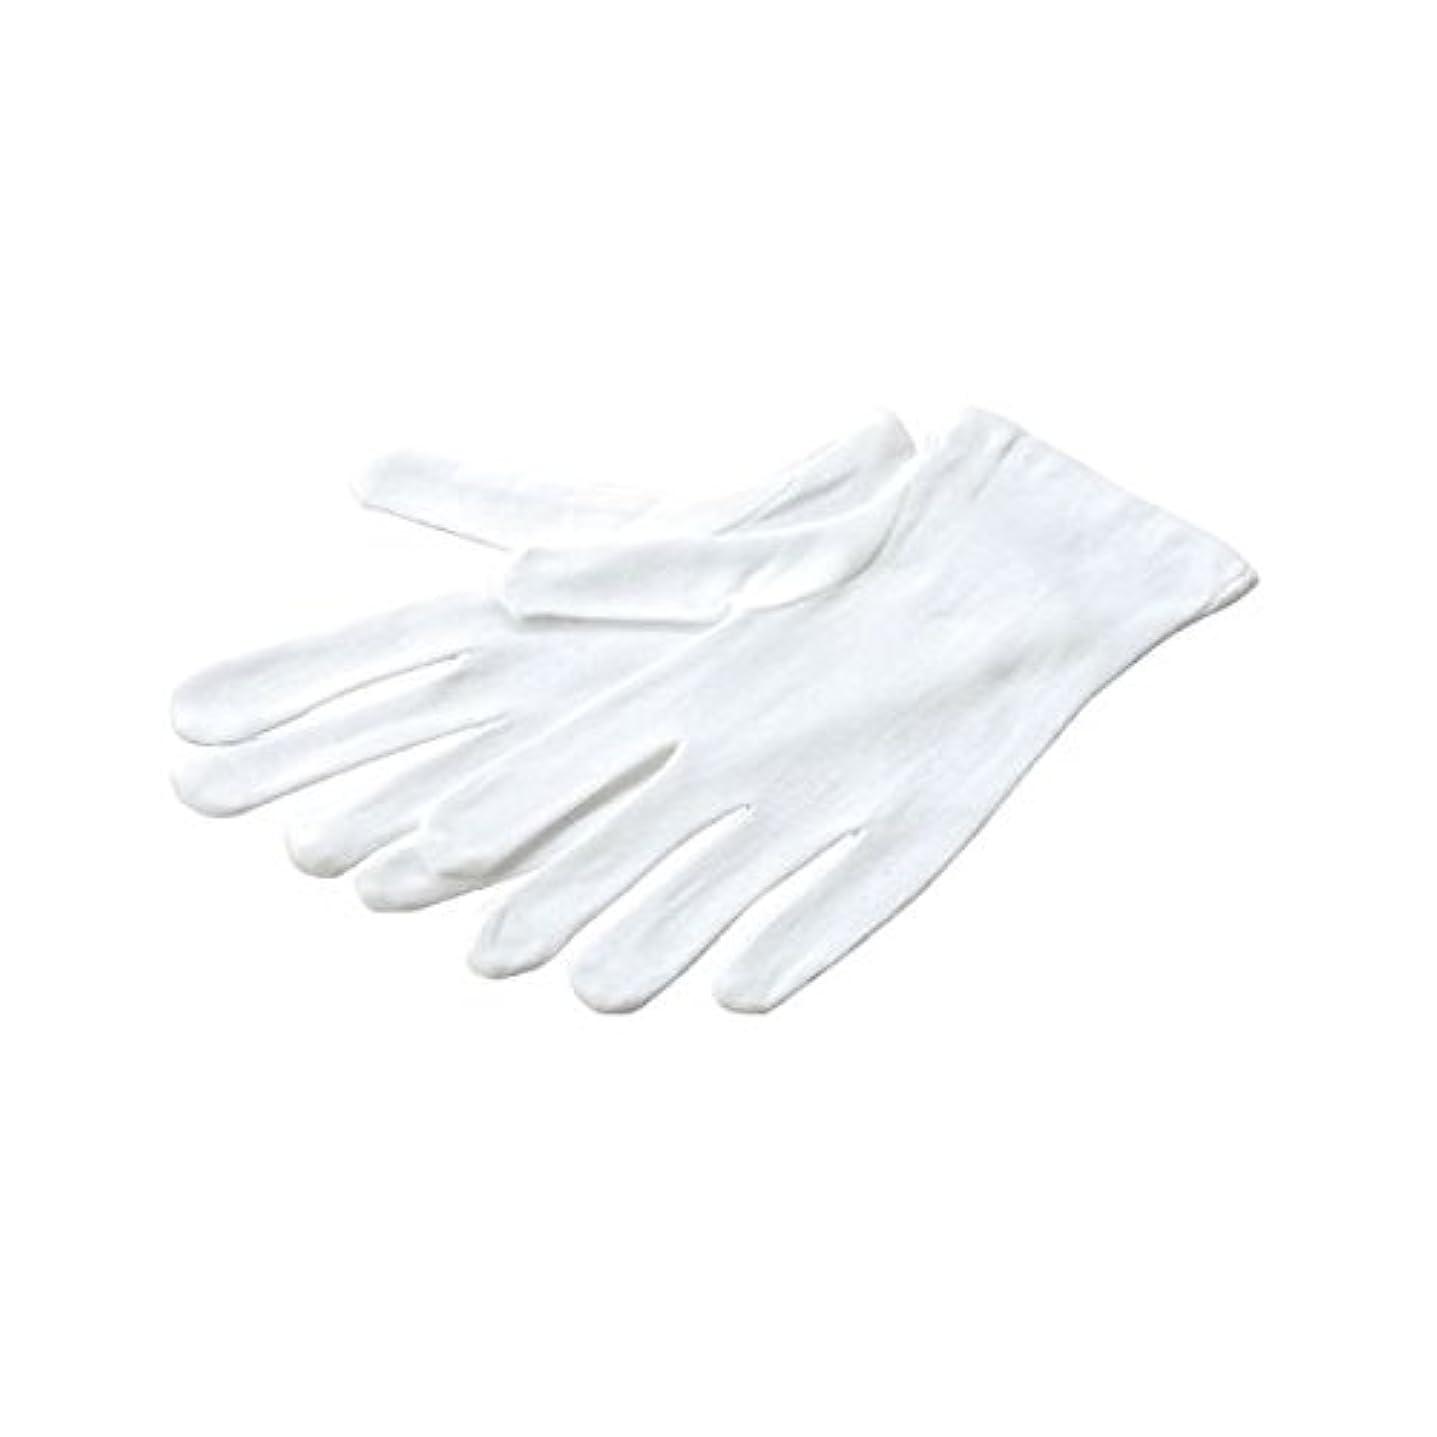 意味する海外で省略するミタニコーポレーション 品質管理用手袋スムス マチナシ 210080 12双入 【×5セット】